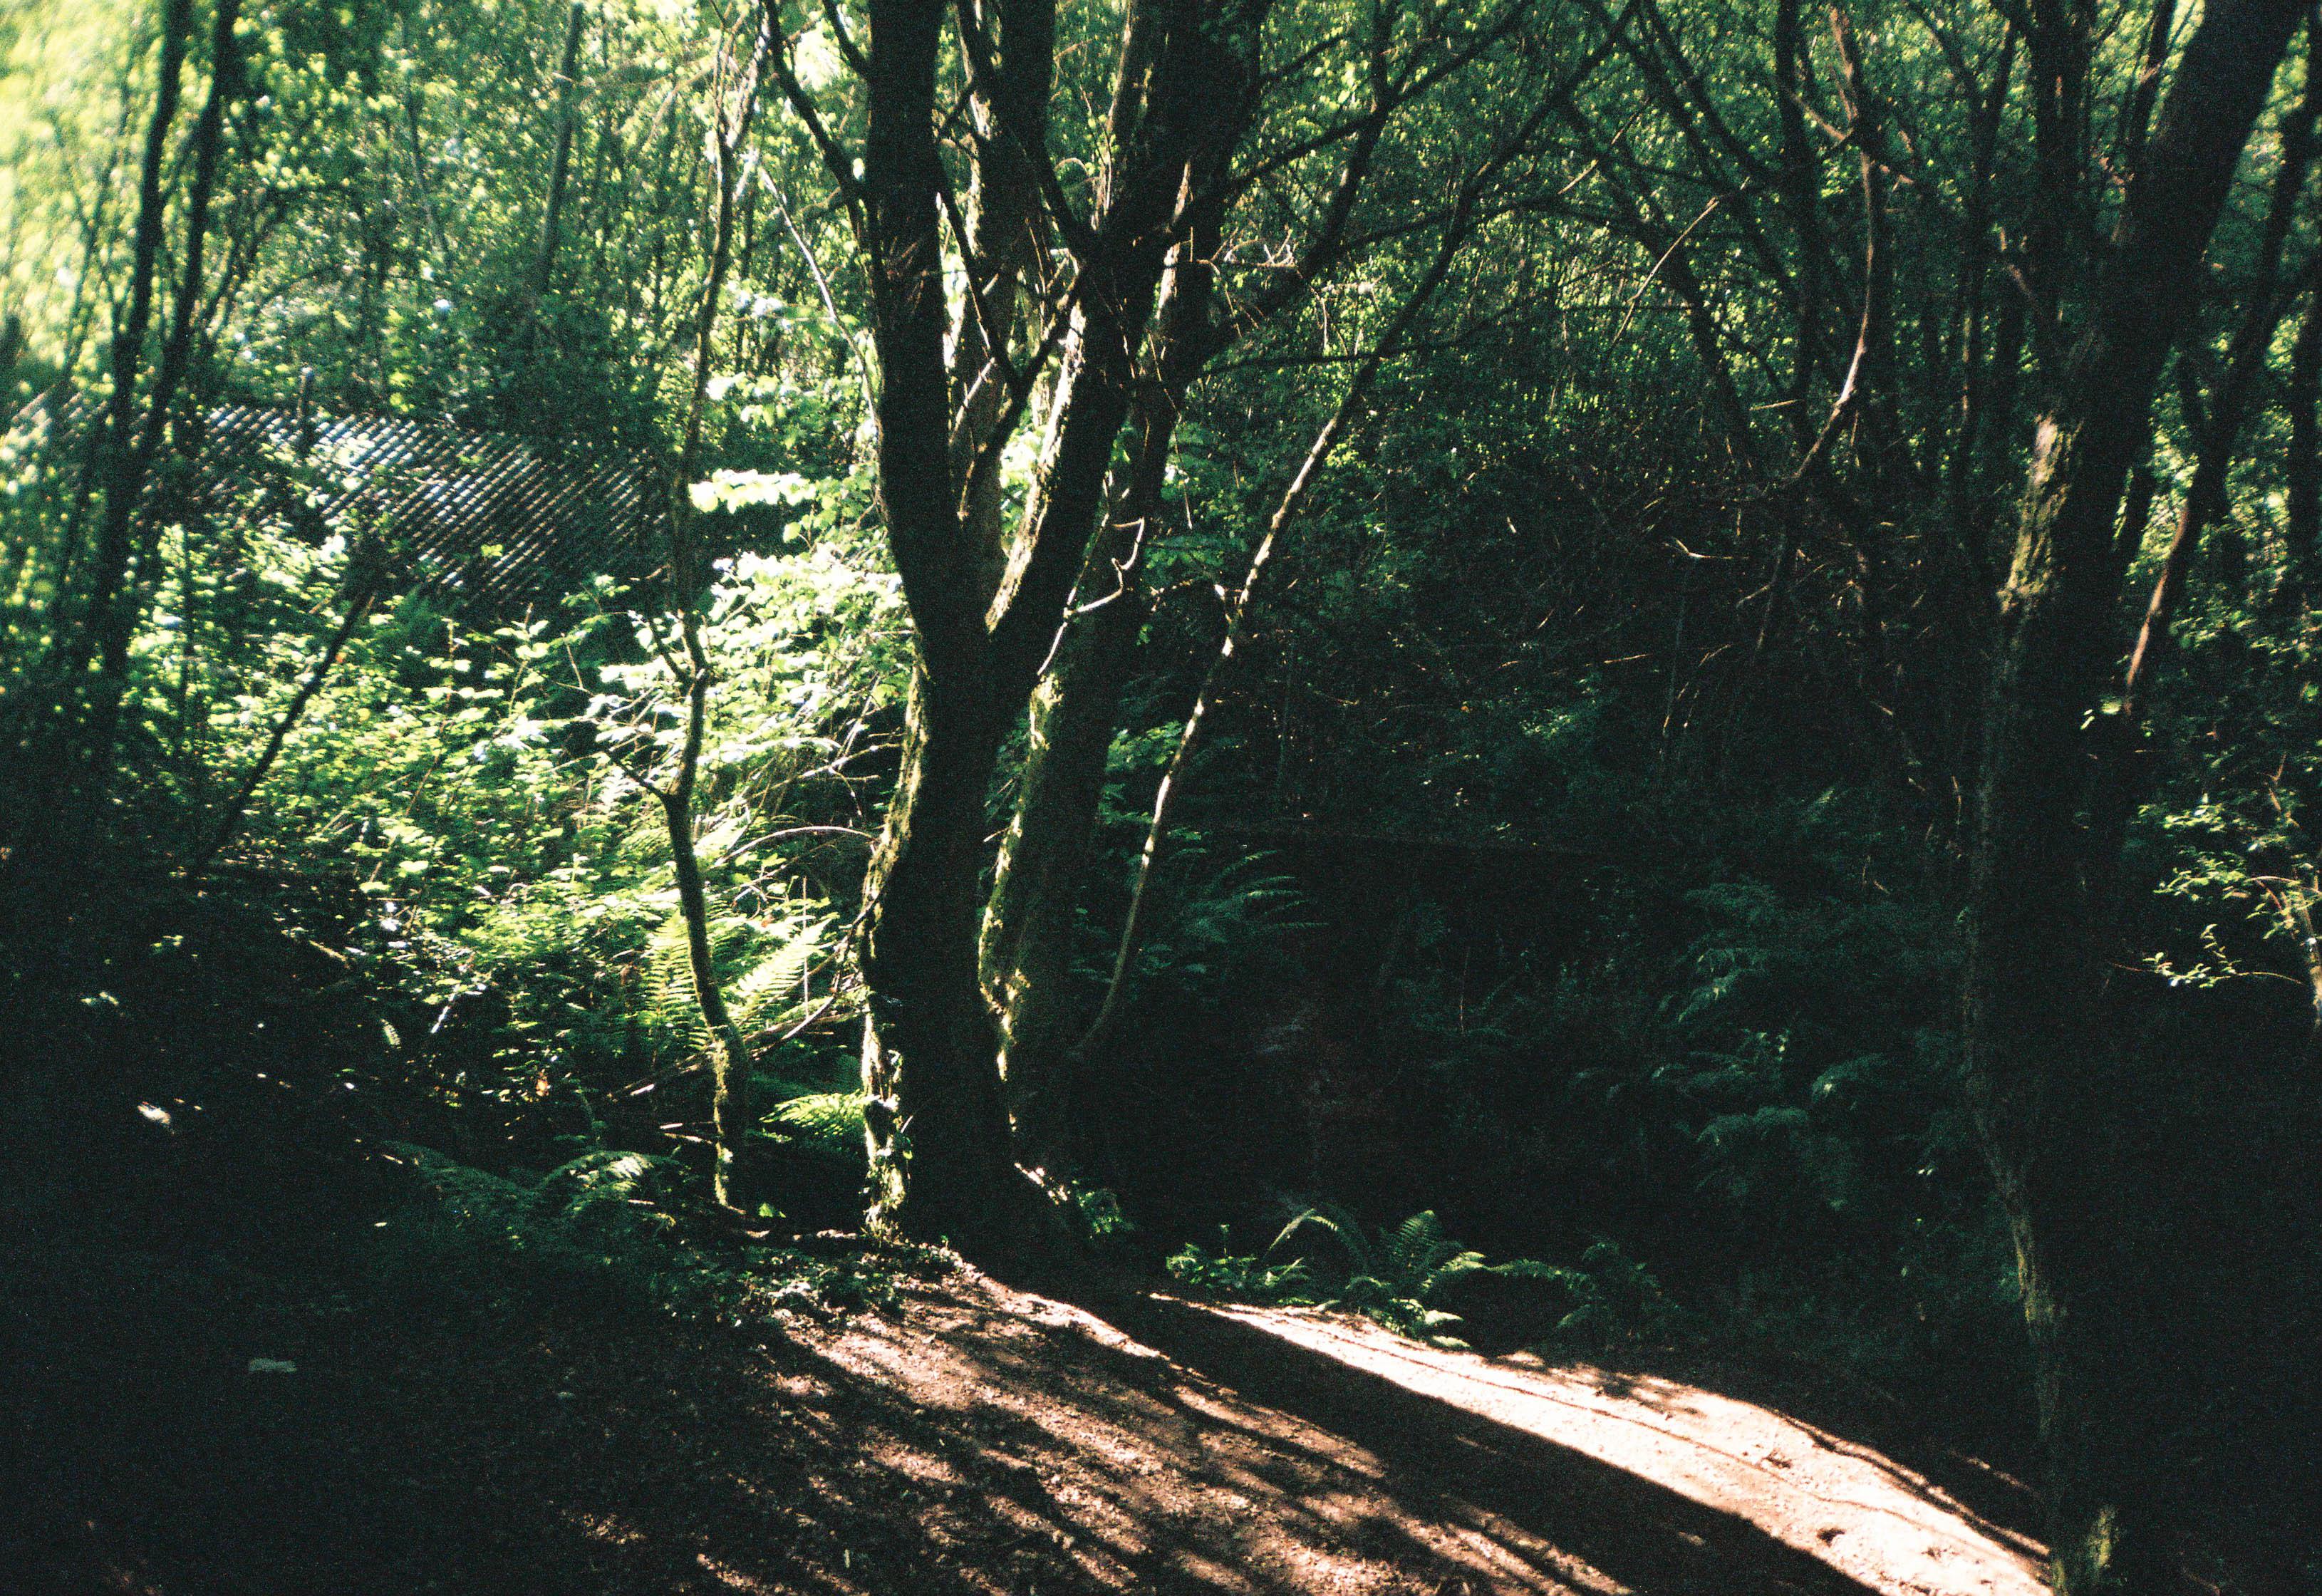 http://lafilladelfotografu.irenavisa.com/files/gimgs/97_f1000015-1_v4.jpg